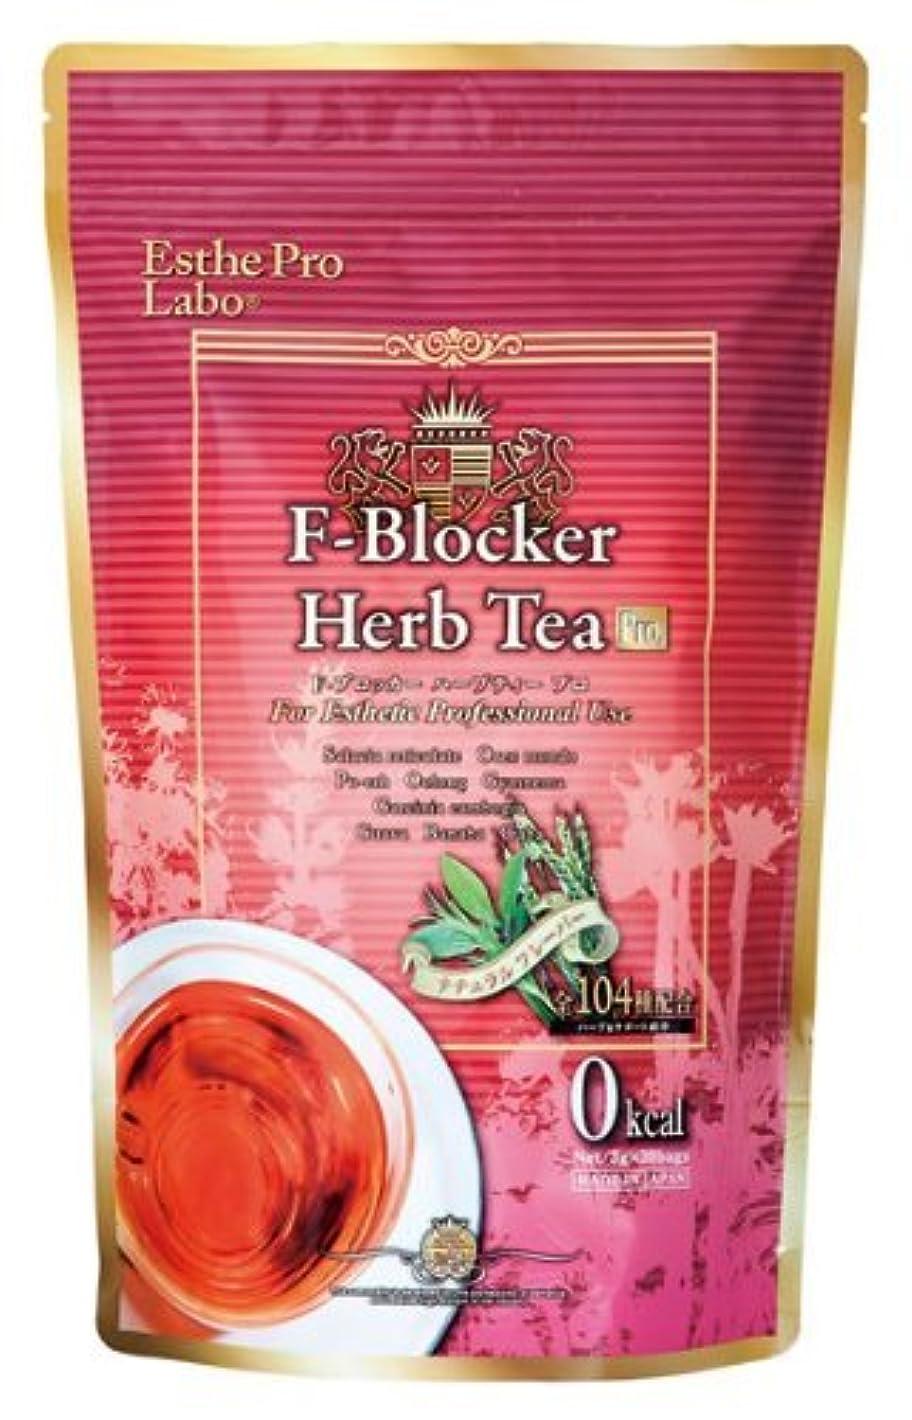 急降下ベイビー脆いエステプロ?ラボ F-Blocker Harb Tea Pro エフ ブロッカー ハーブティー プロ 3g ×30包 3箱セット